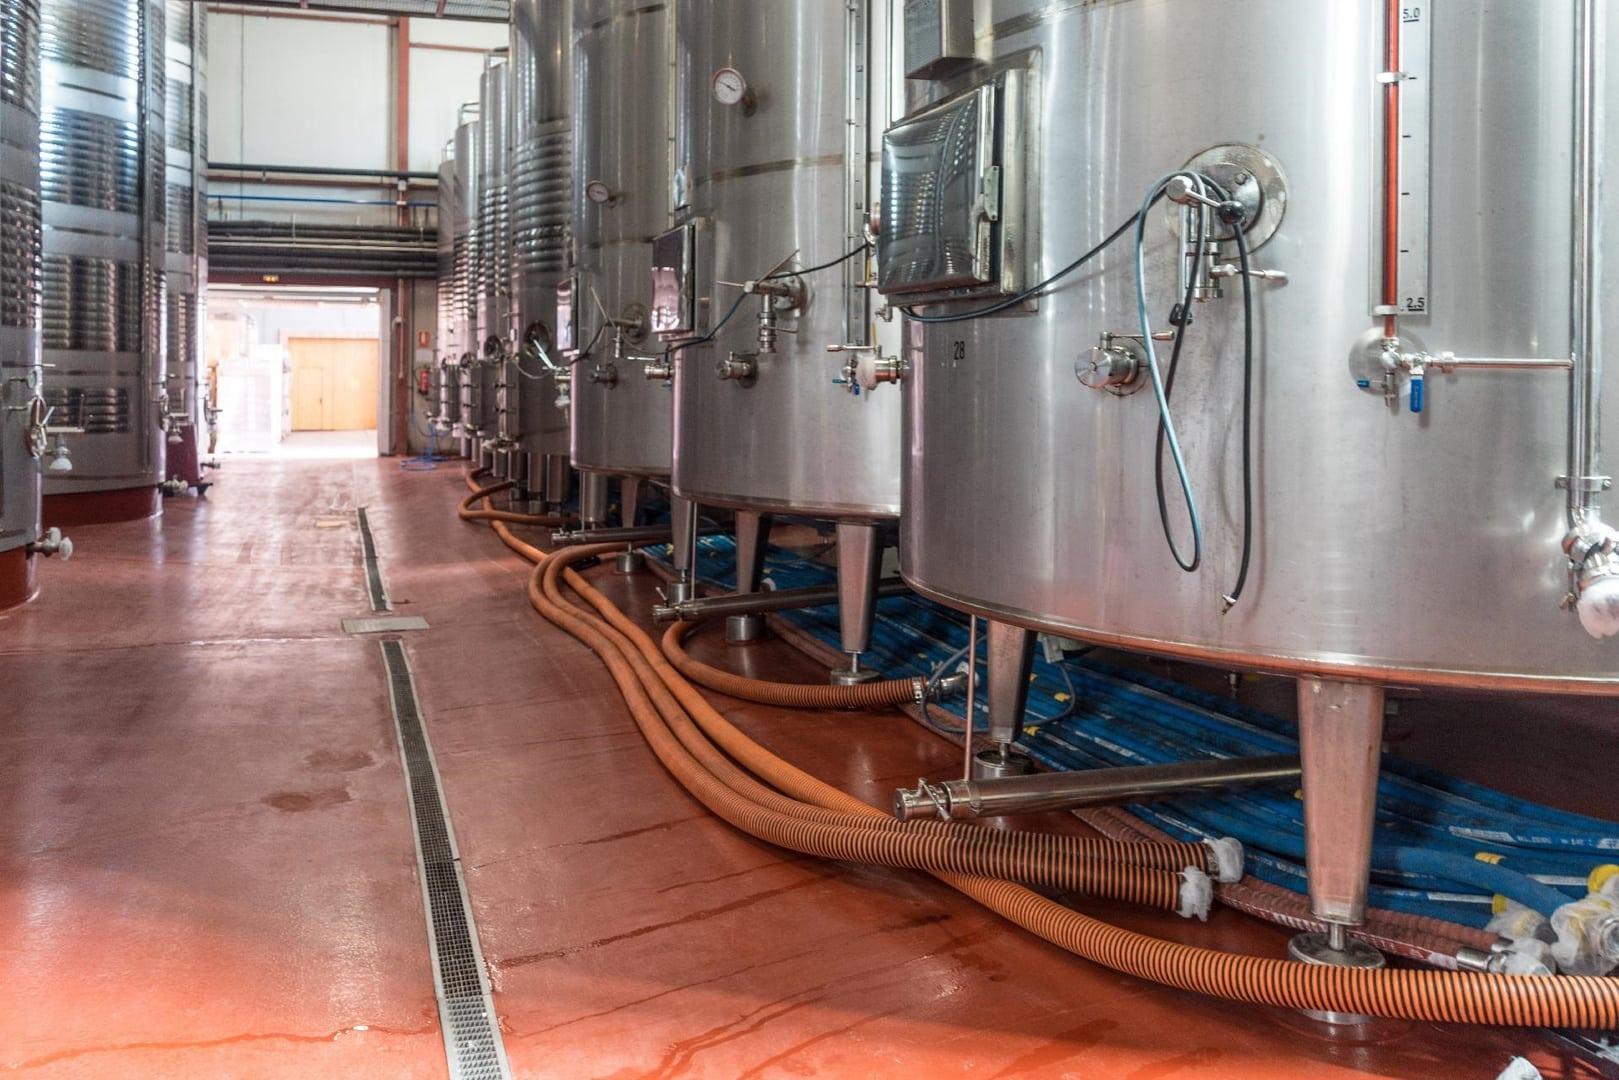 Bryggeribesøg_farssons_malta_studirejser_alfatravel